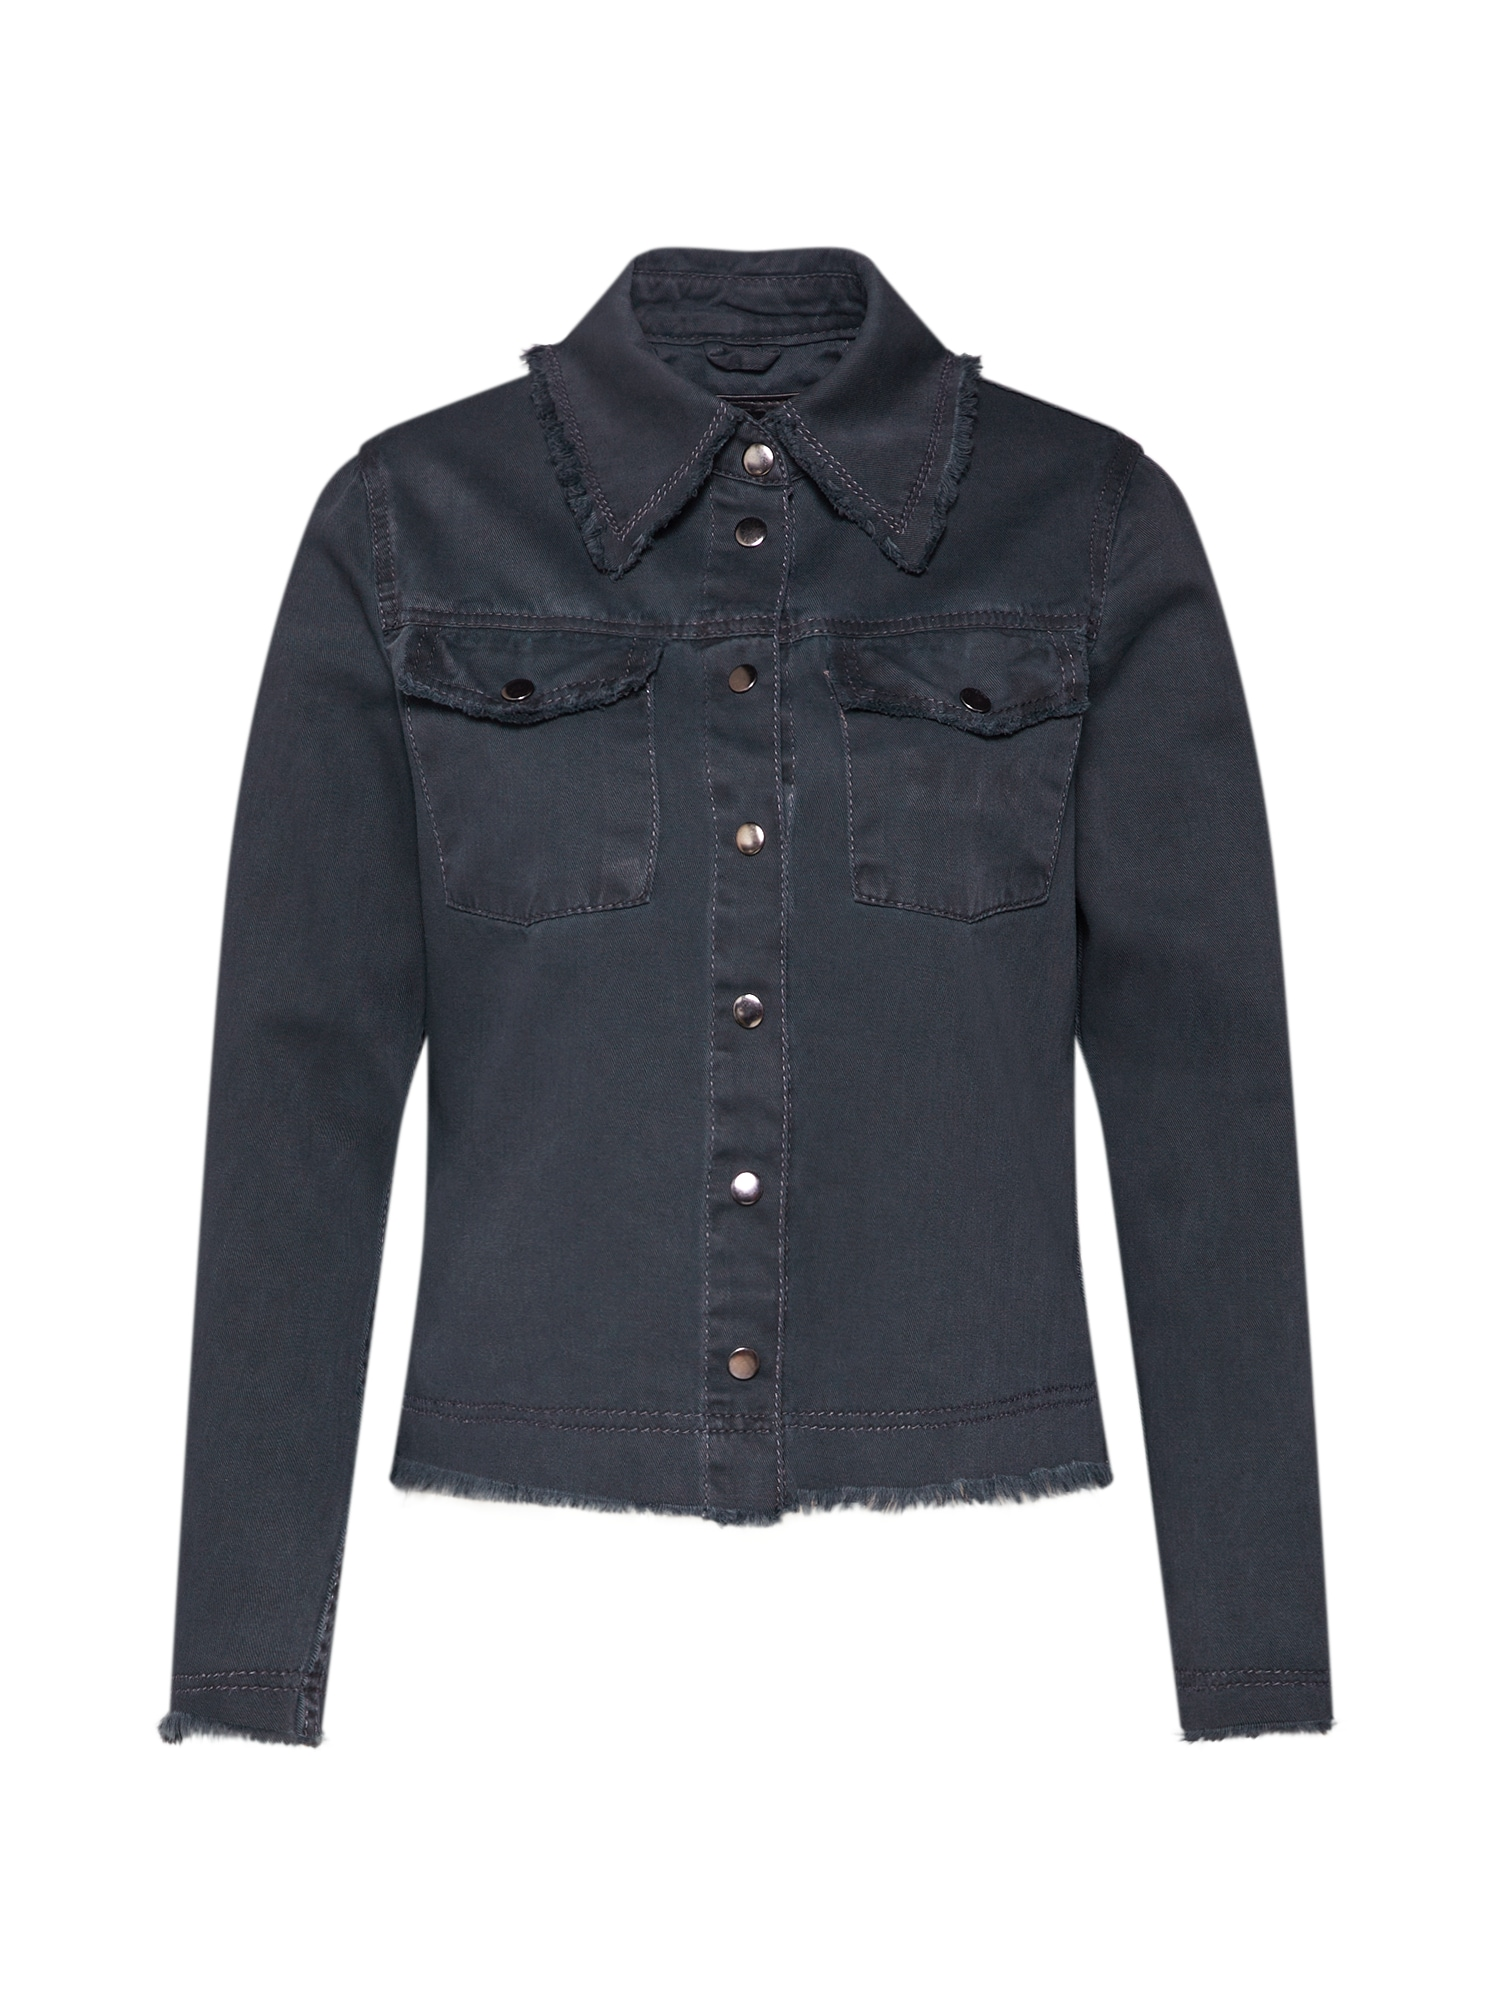 Přechodná bunda BEwiebke černá džínovina BE EDGY